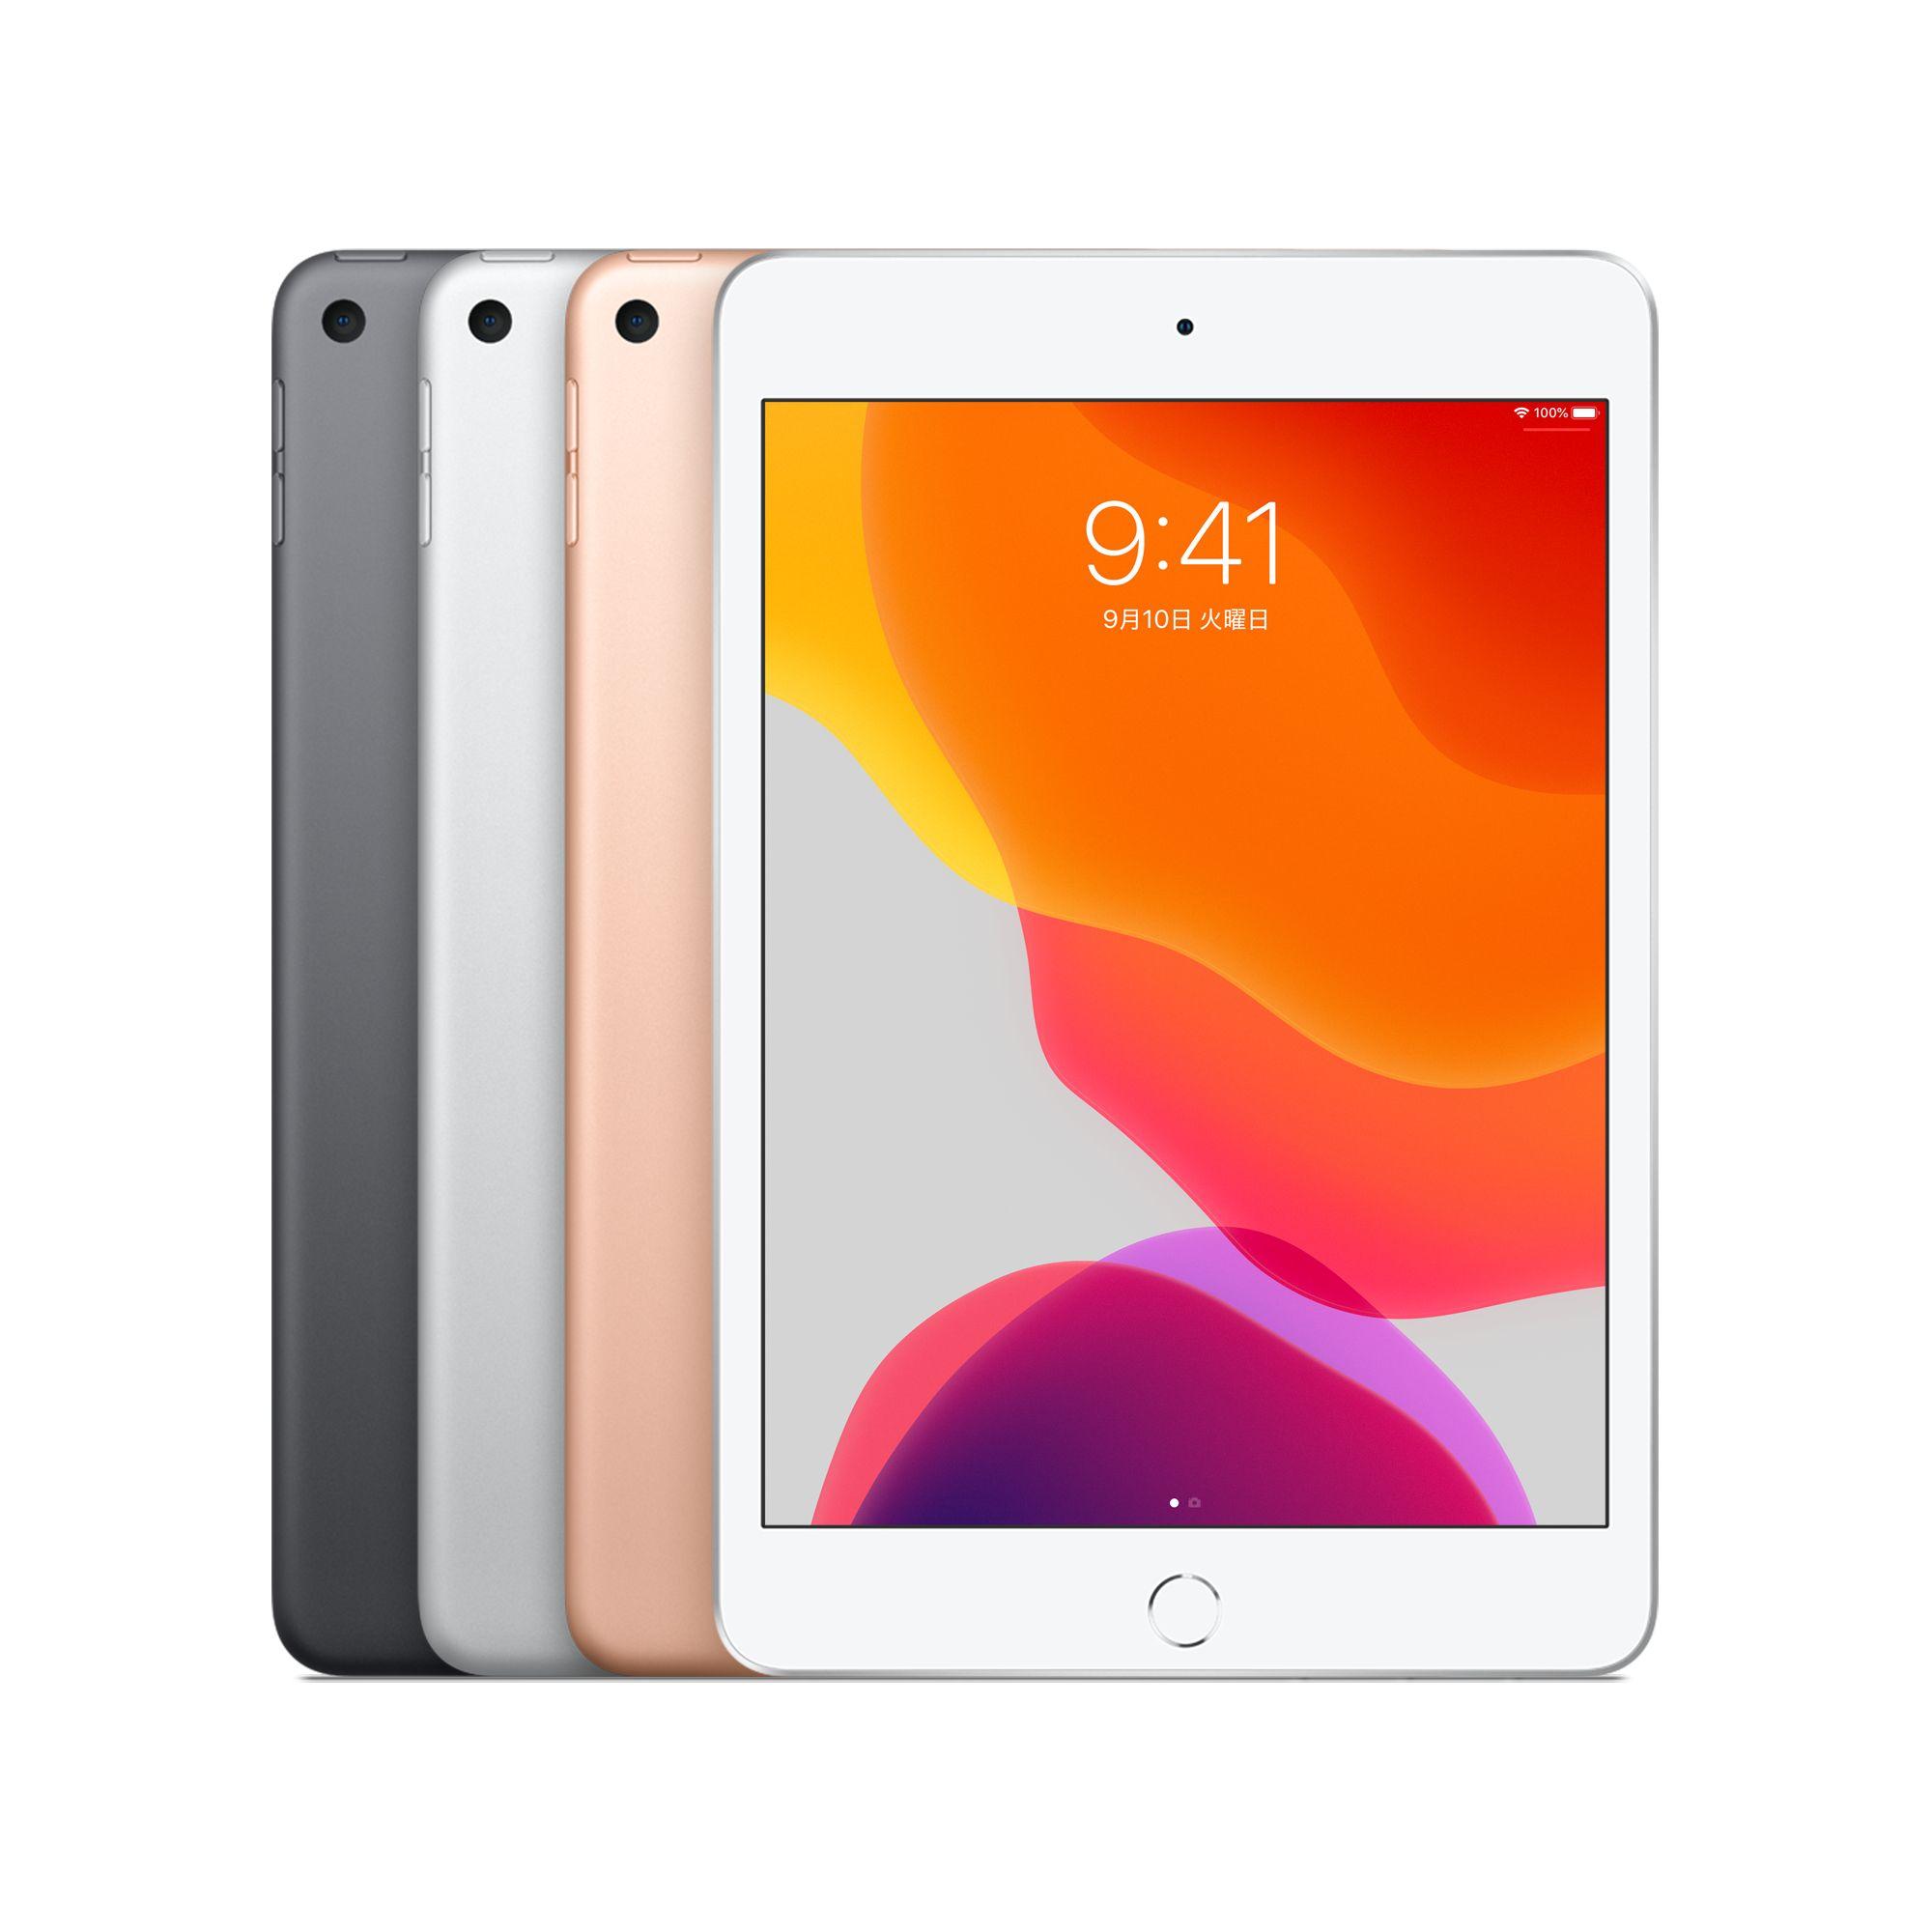 発売 6 Ipad 日 mini 次期iPad mini、ベゼルが細くなり8.4インチへと大画面化か